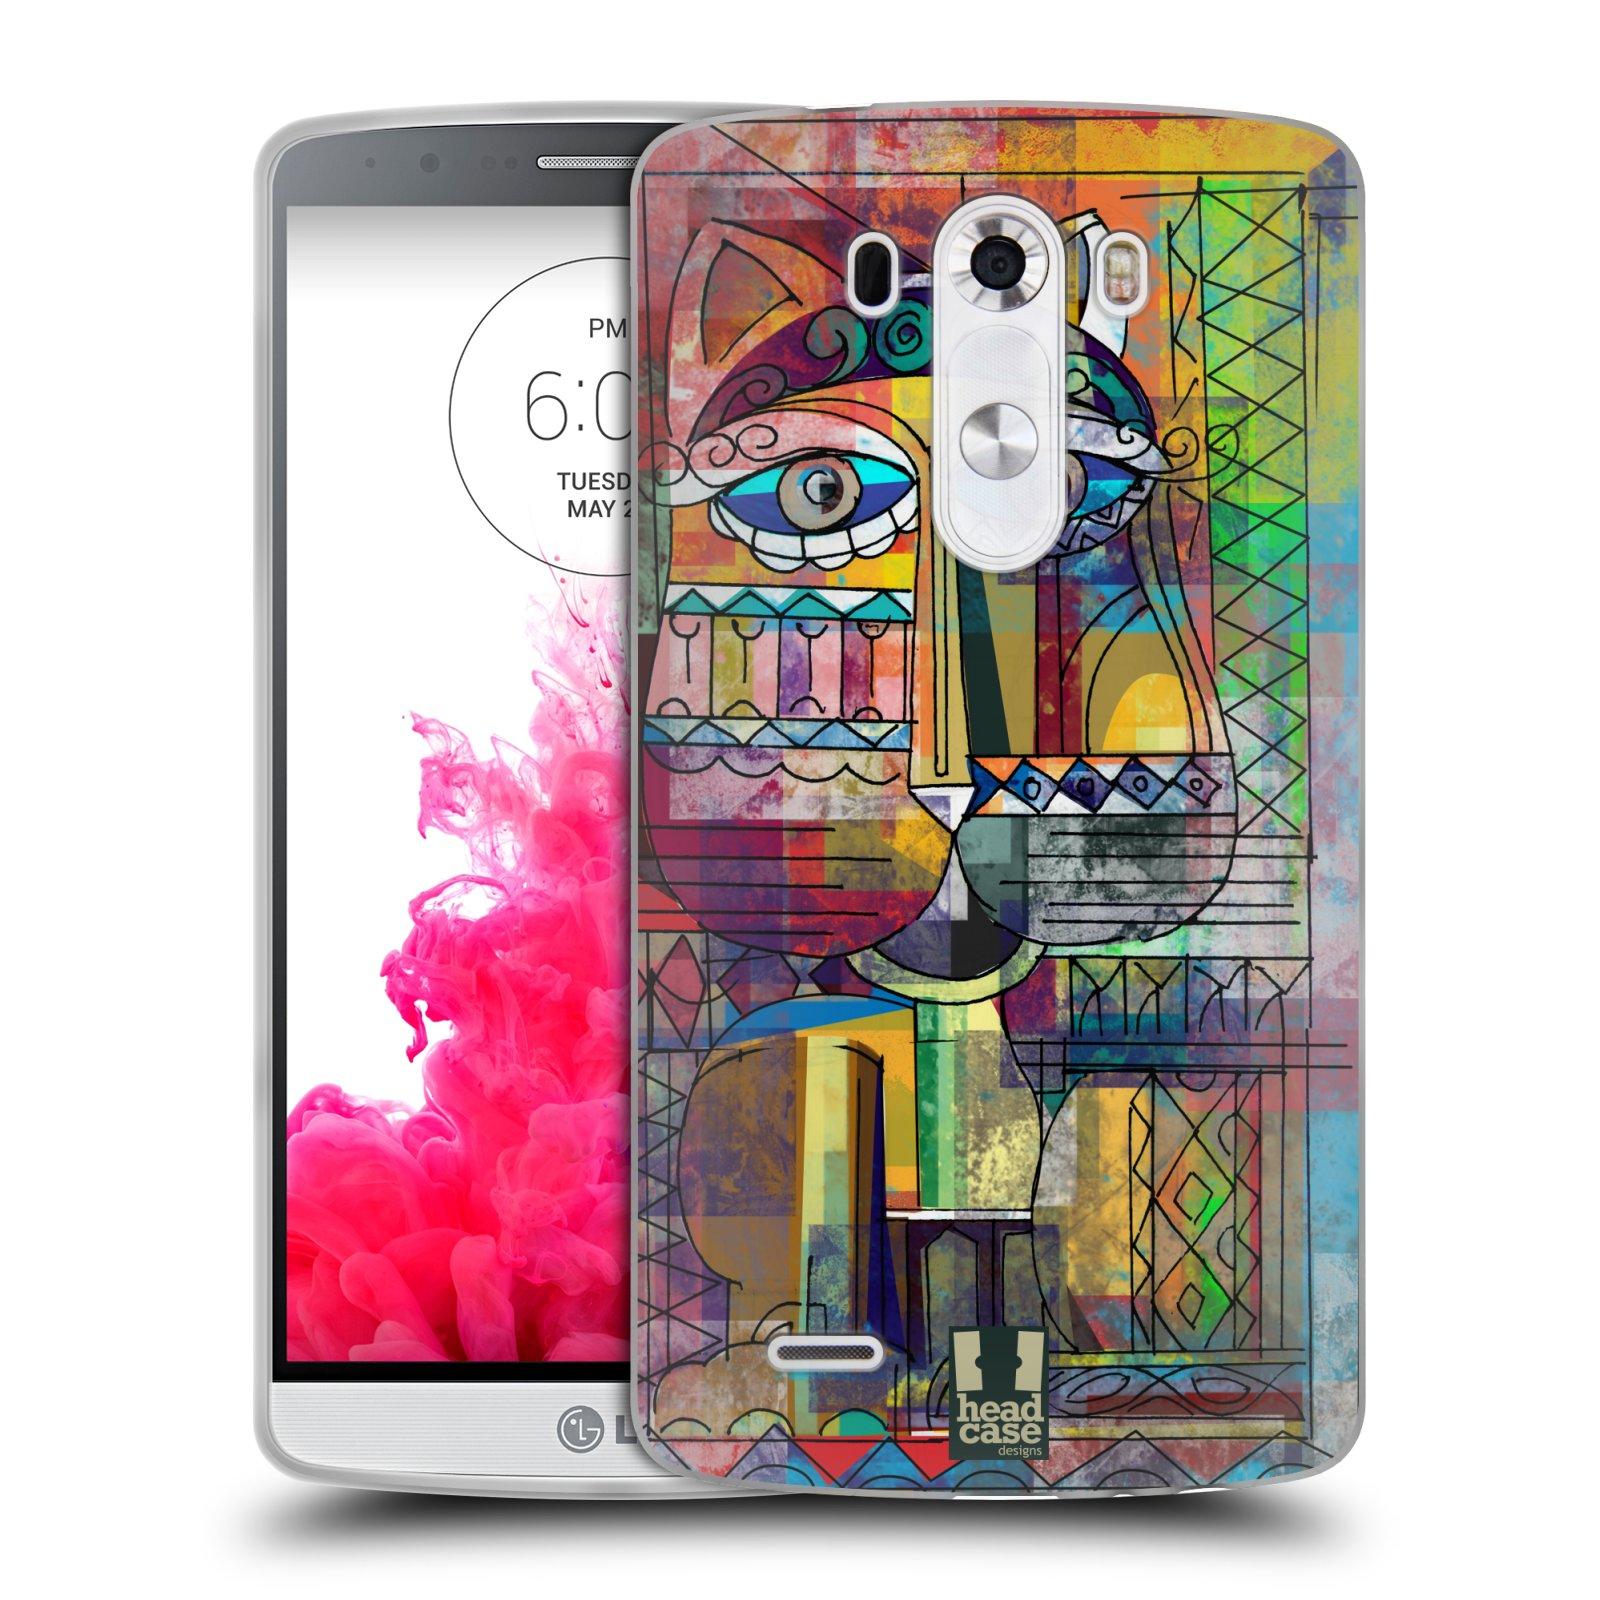 Silikonové pouzdro na mobil LG G3 HEAD CASE AZTEC KORAT (Silikonový kryt či obal na mobilní telefon LG G3 D855)